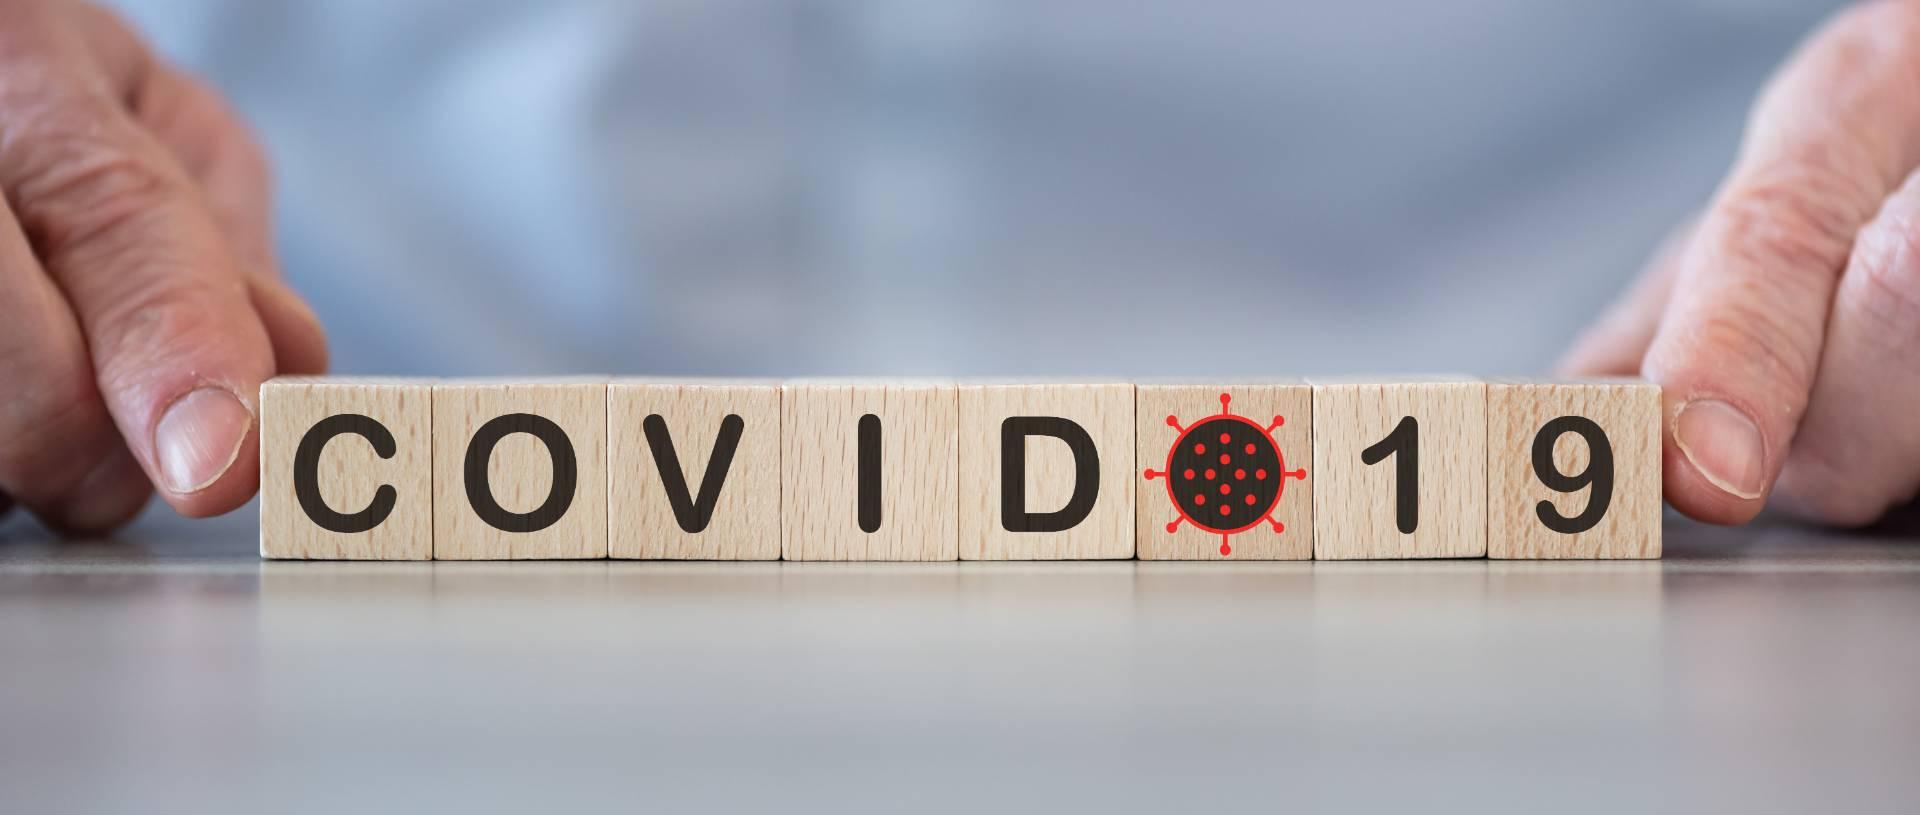 Impression, diffusion numérique, AJL, … quelles obligations en période Covid-19?